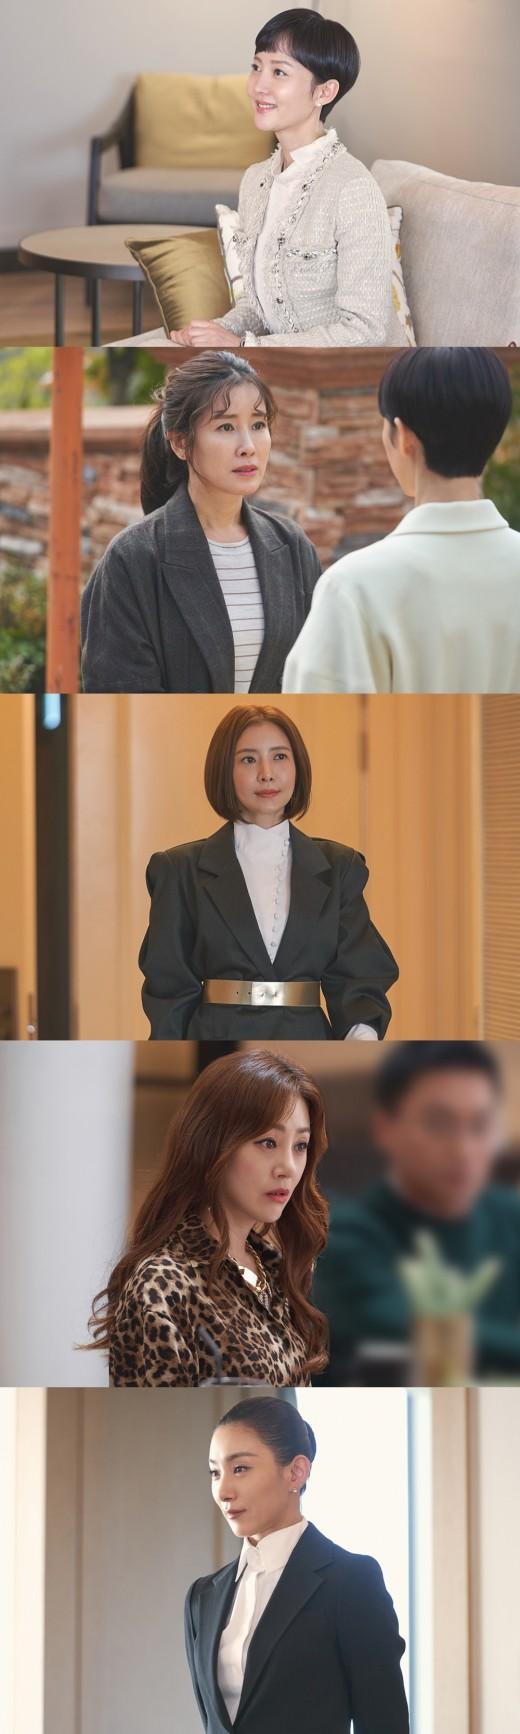 'SKY 캐슬' 염정아X이태란X윤세아, 배우들이 직접 전한 관전 포인트